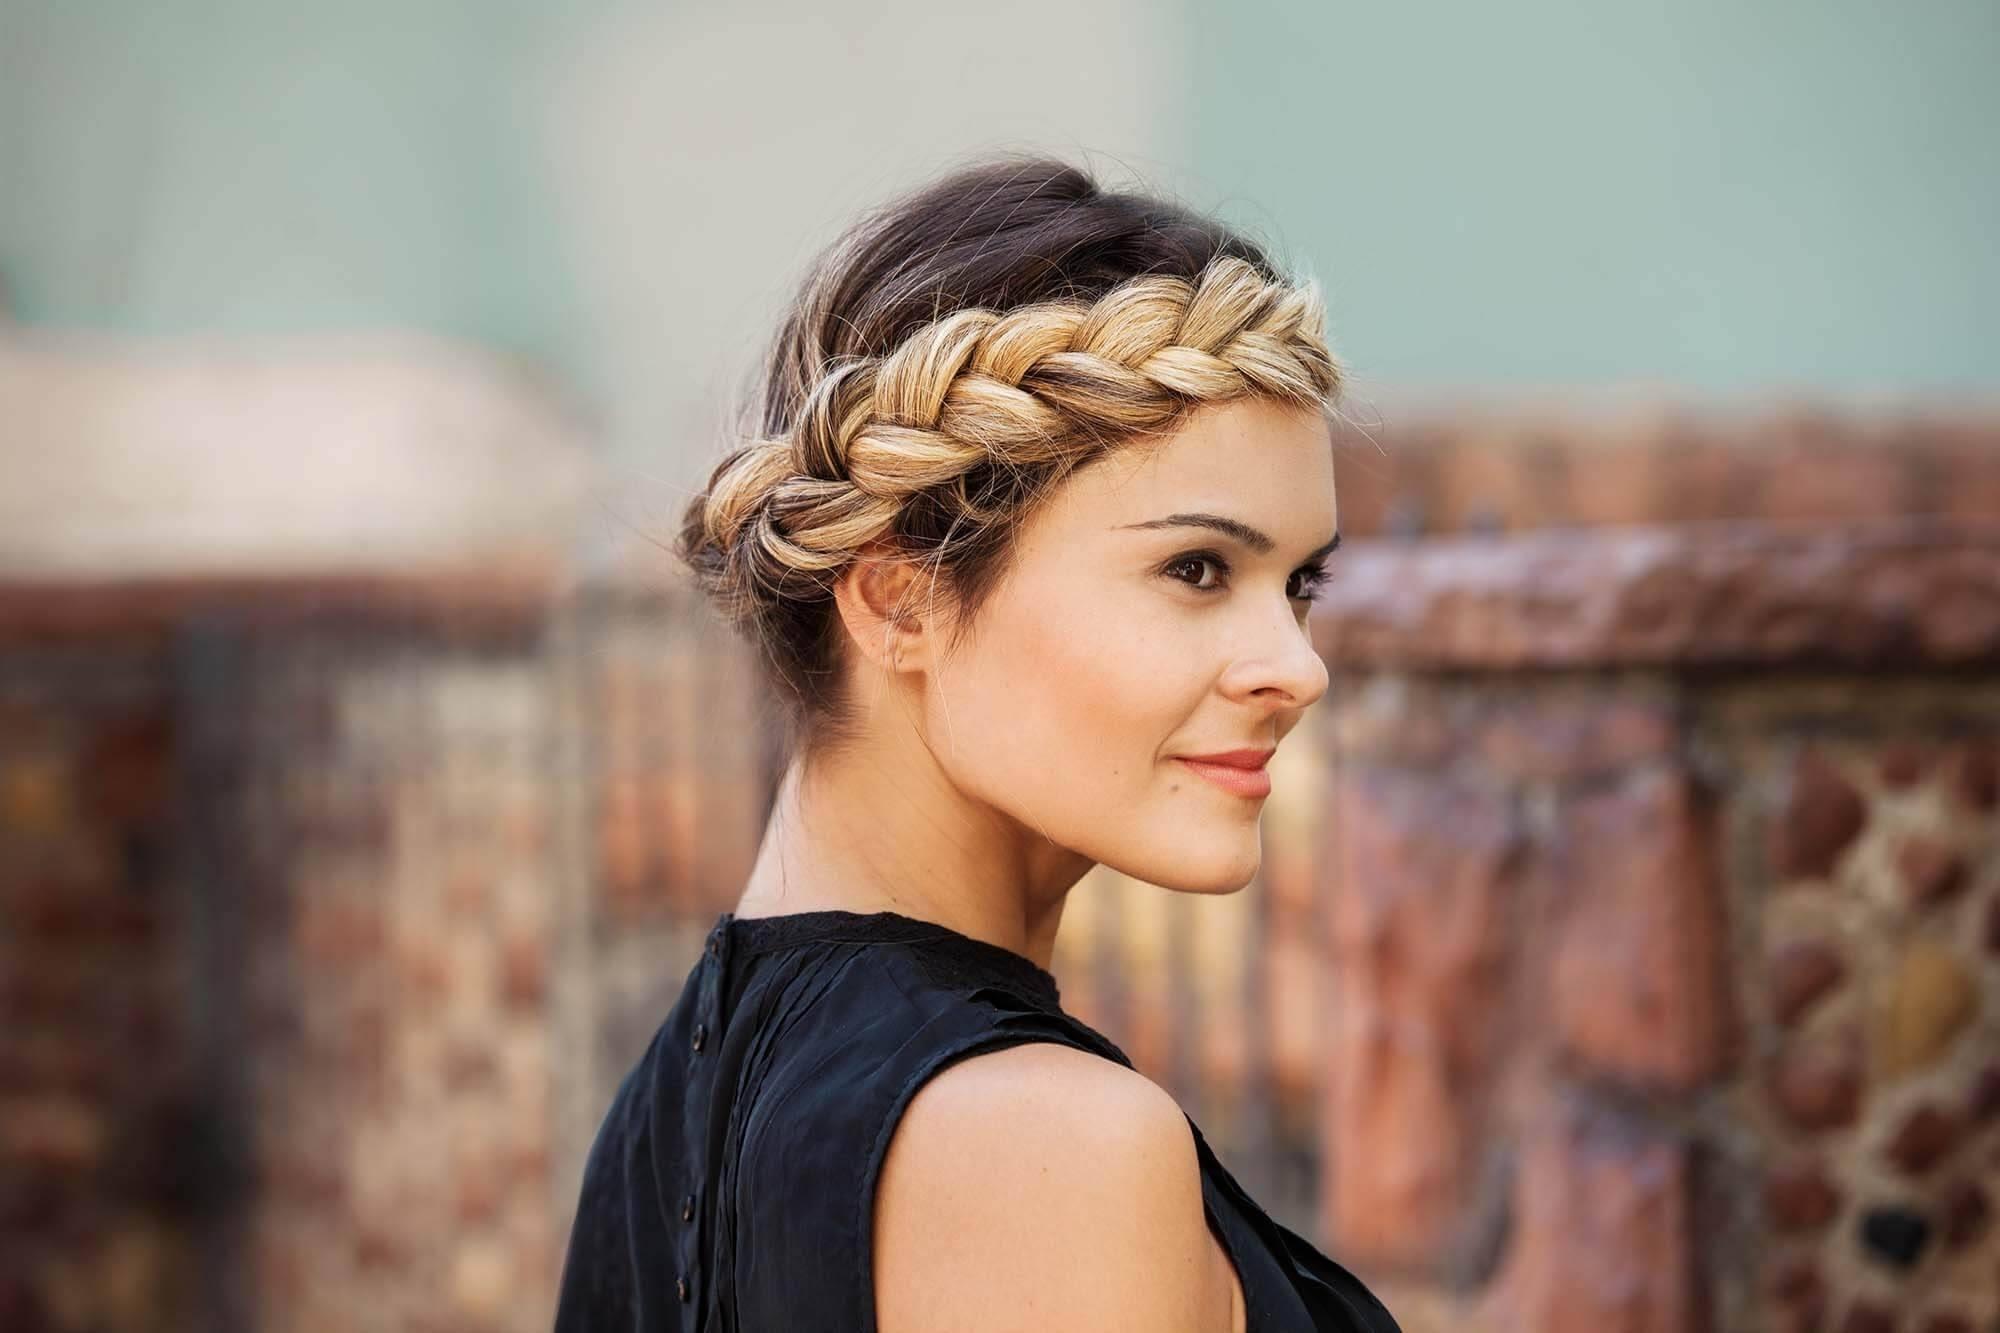 Femme avec une tresse de couronne d'ombre blonde